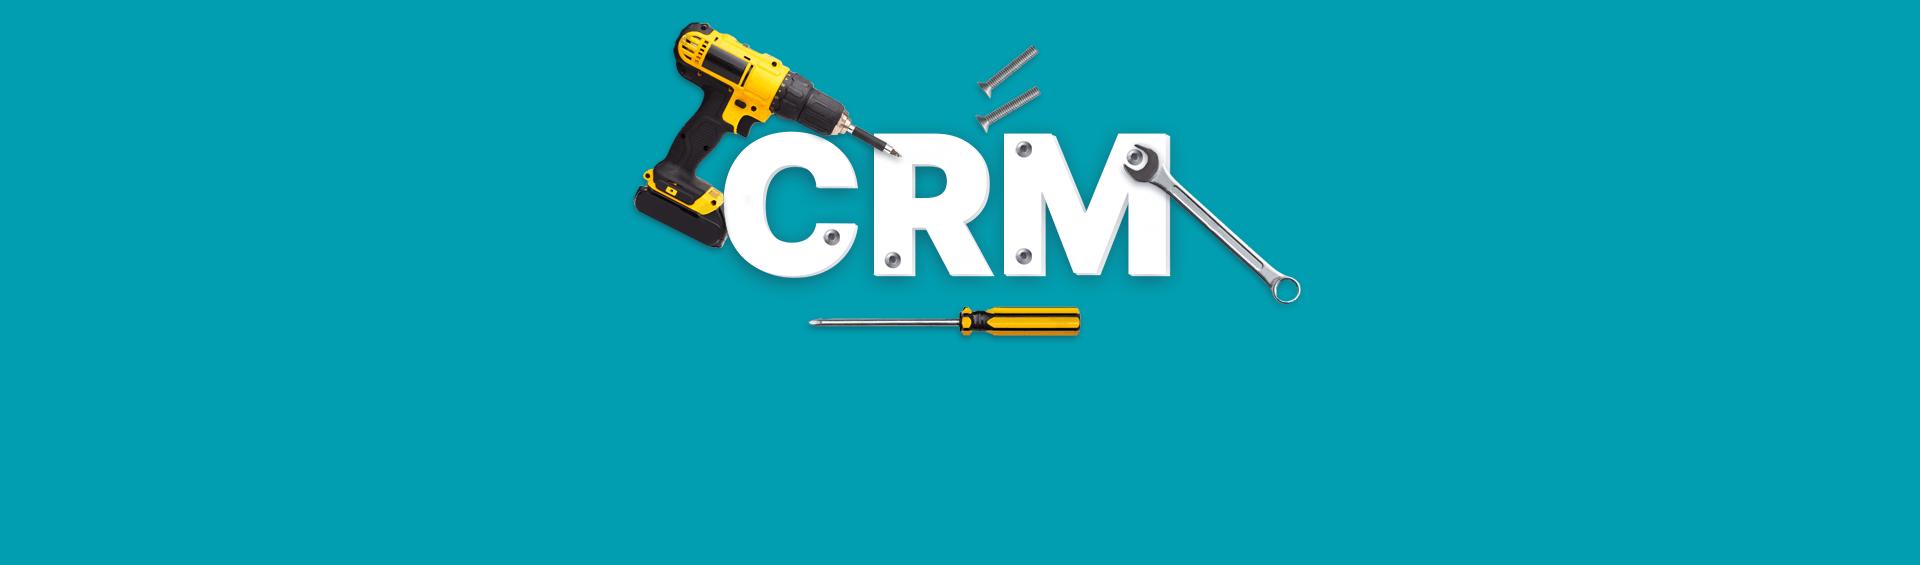 Как настроить CRM для бизнеса